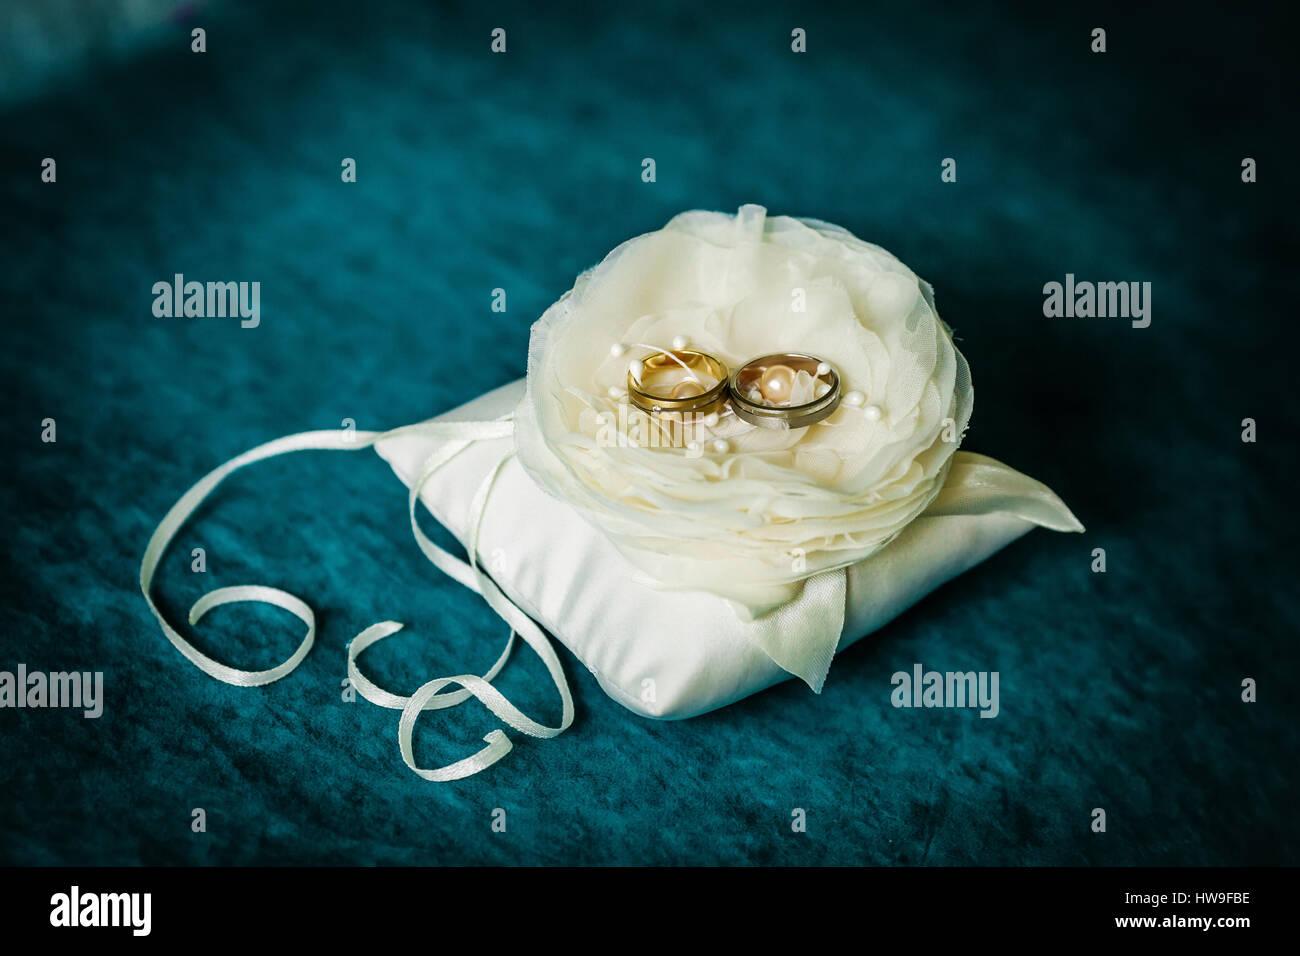 Luxury wedding golden rings on flower - Stock Image